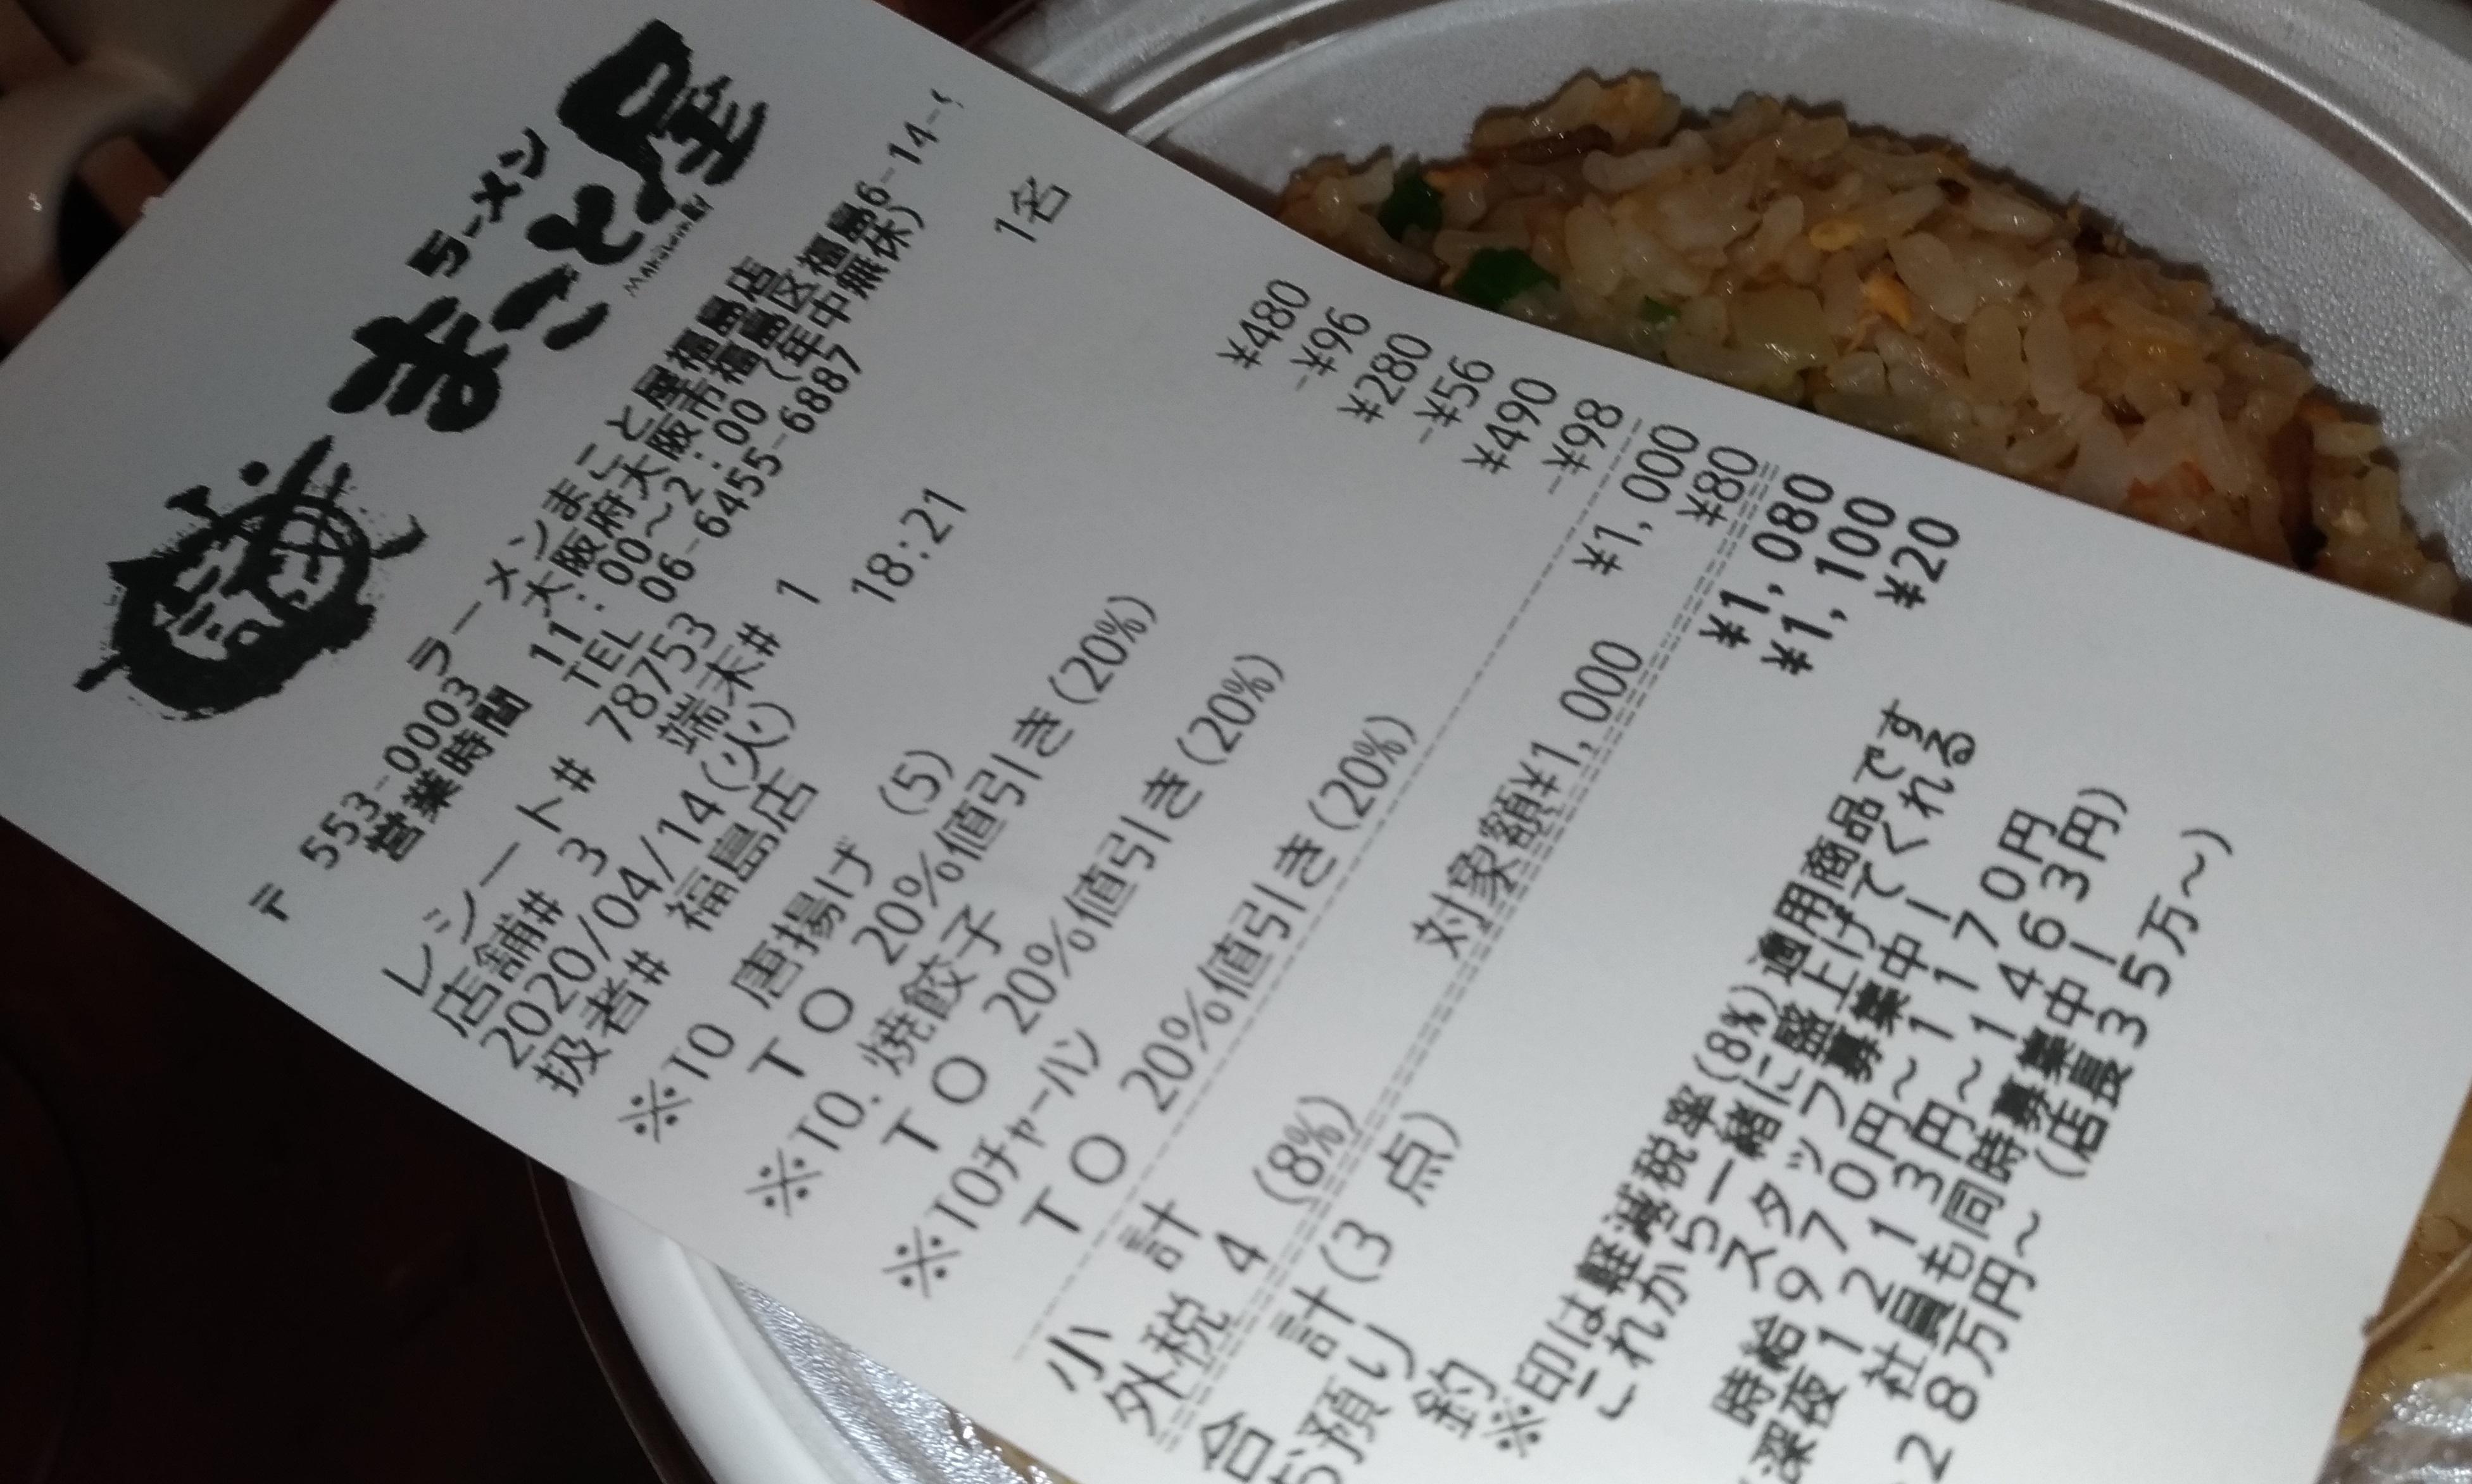 ramen_osaka_makotoya_fukushima_1.jpg